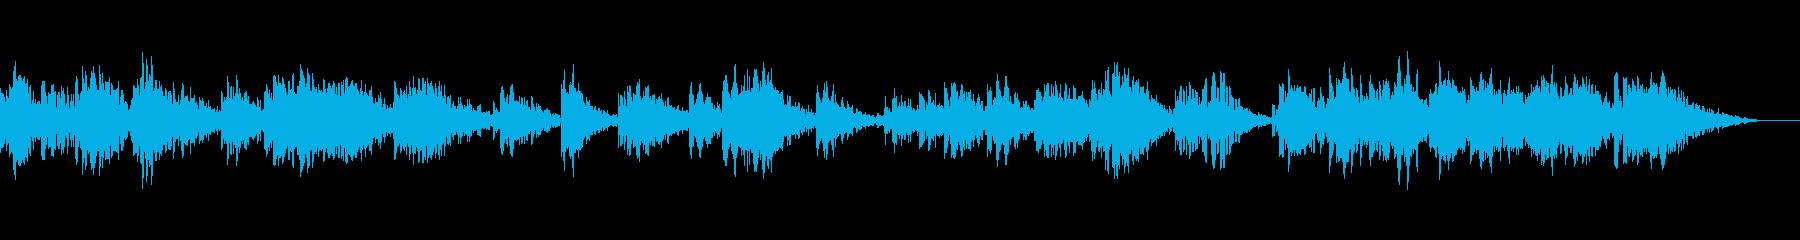 透明感のあるパッドによるアンビエント音楽の再生済みの波形